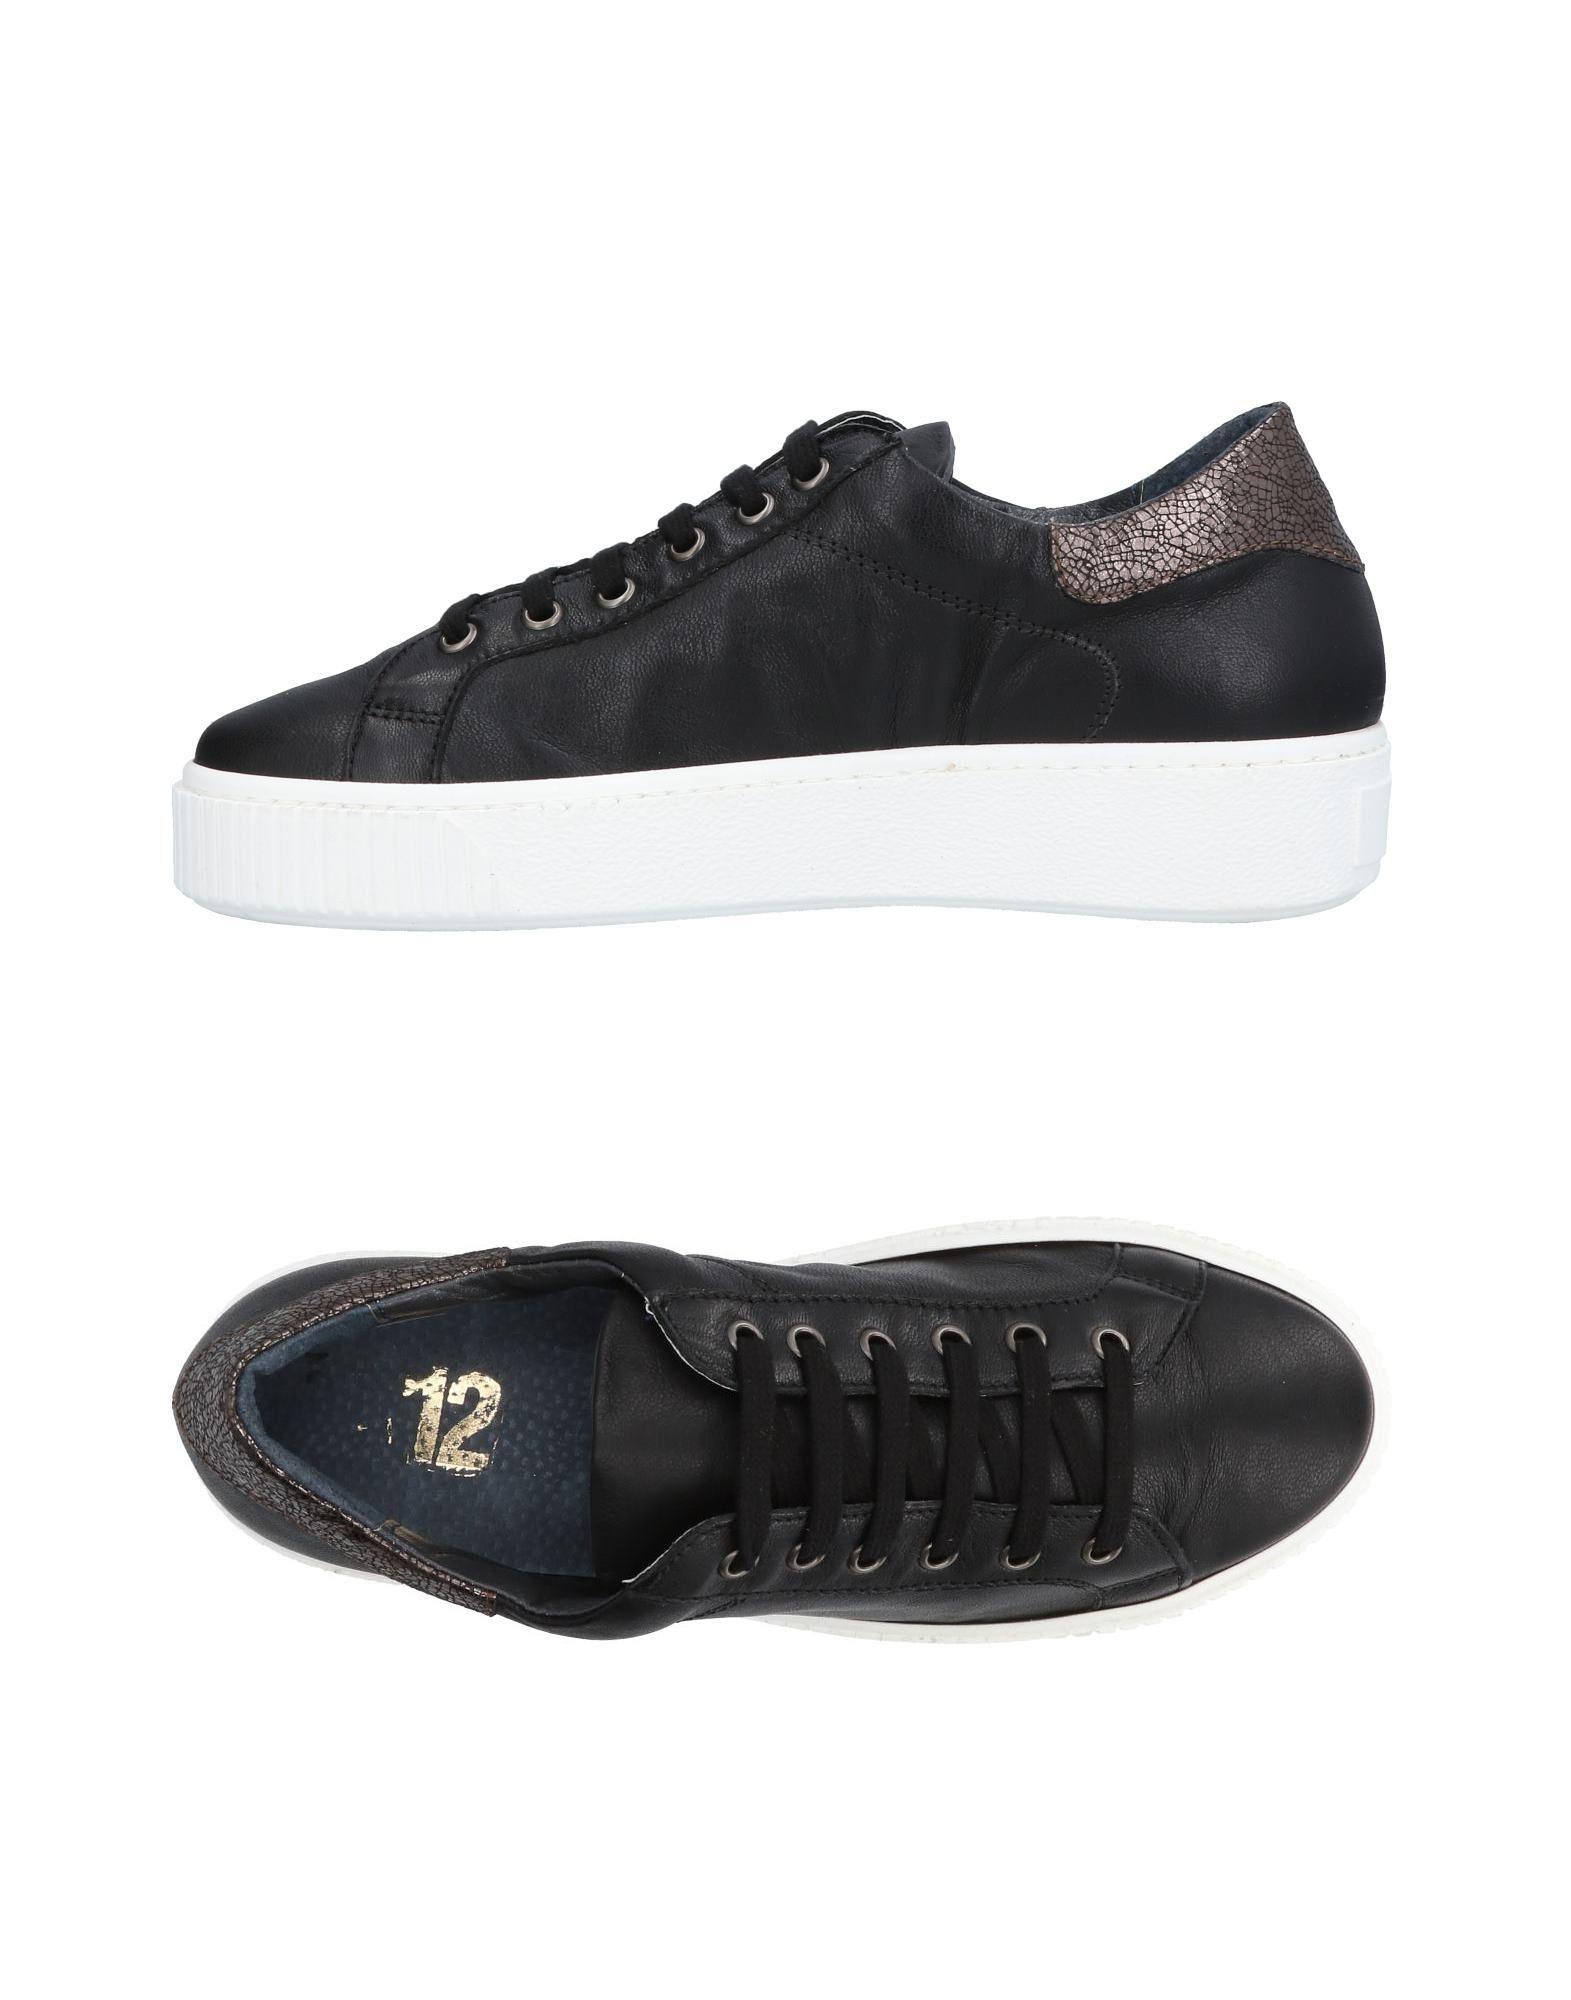 Tsd12 Sneakers Preis-Leistungs-Verhältnis, Damen Gutes Preis-Leistungs-Verhältnis, Sneakers es lohnt sich ede487